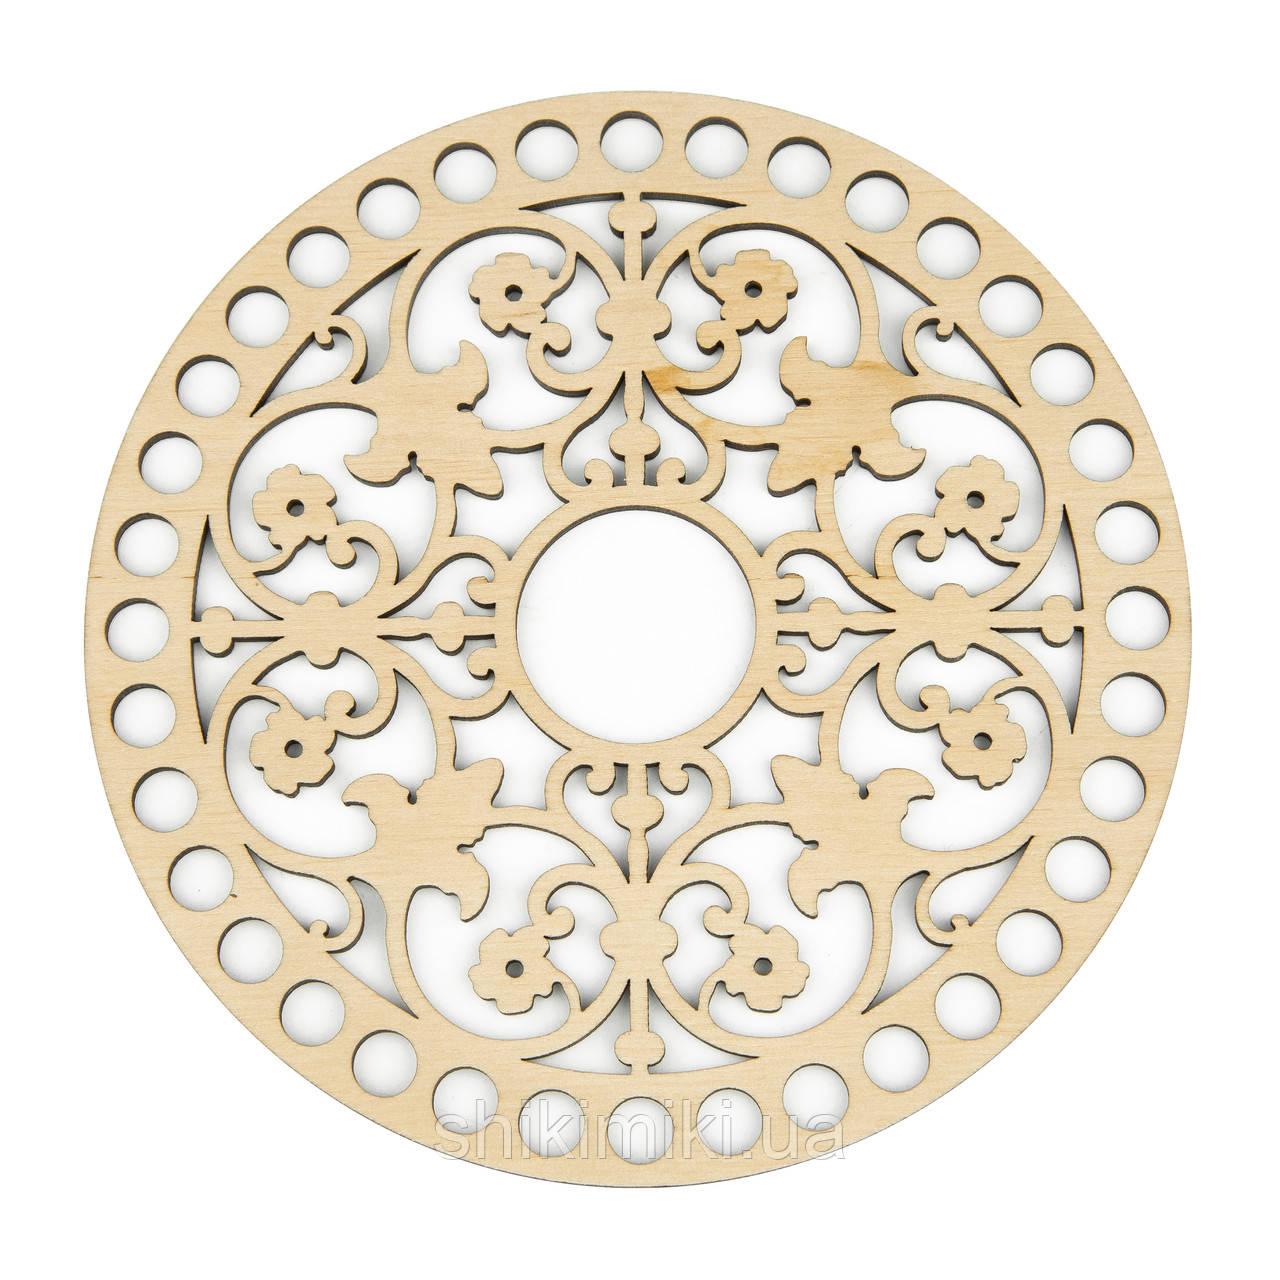 Заготівля з фанери ажурна кругла -88 (16 см)